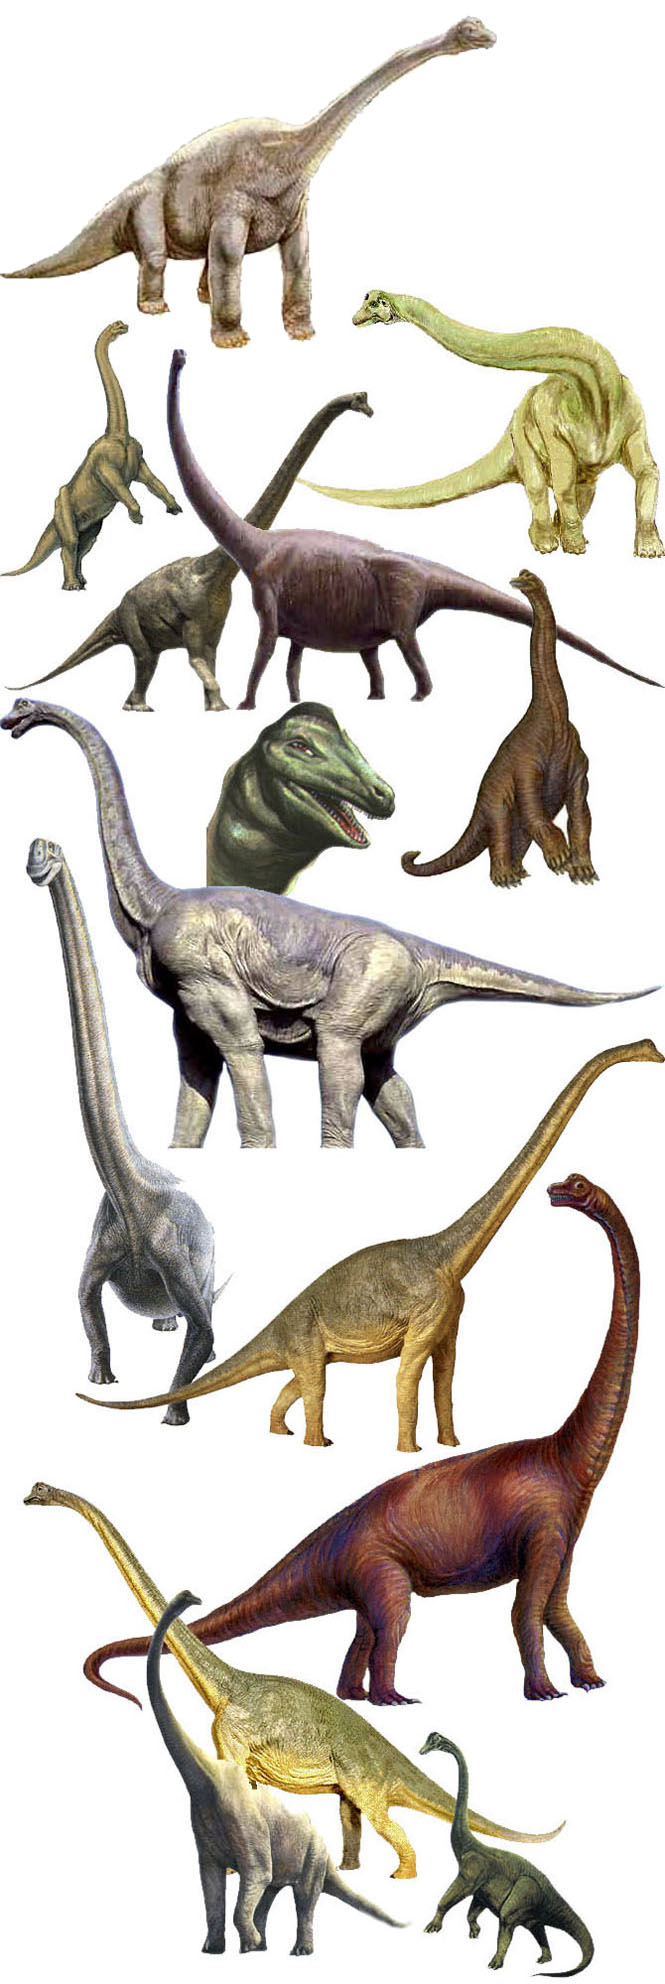 كل شيء عن الدايناصورات بالصور والفيديو - صفحة 2 1_3710